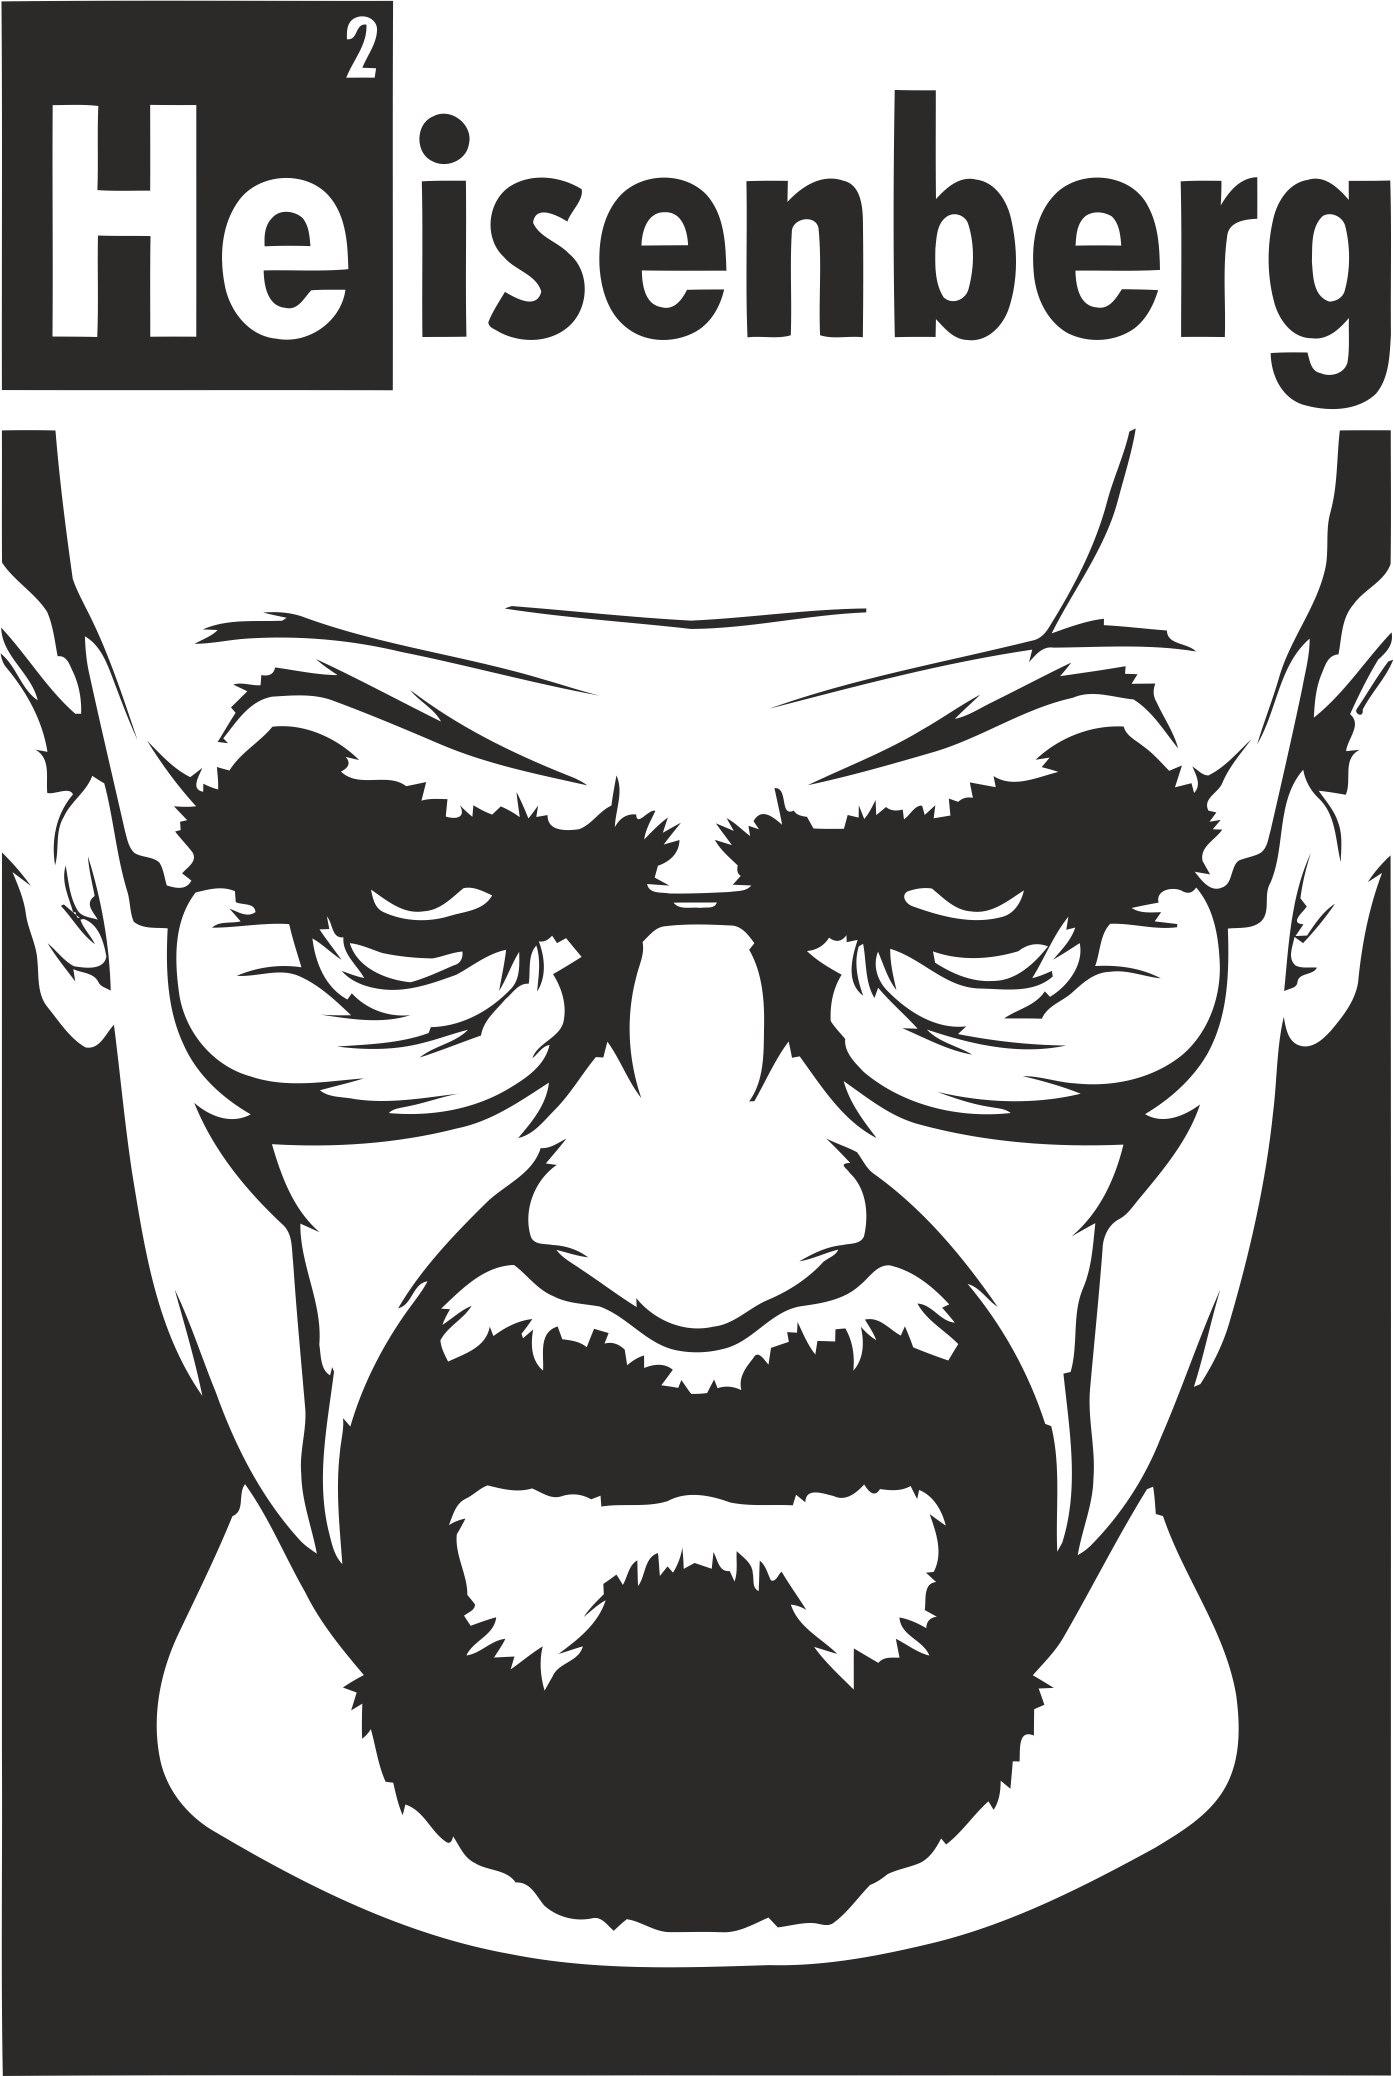 Heisenberg Print File Free CDR Vectors Art